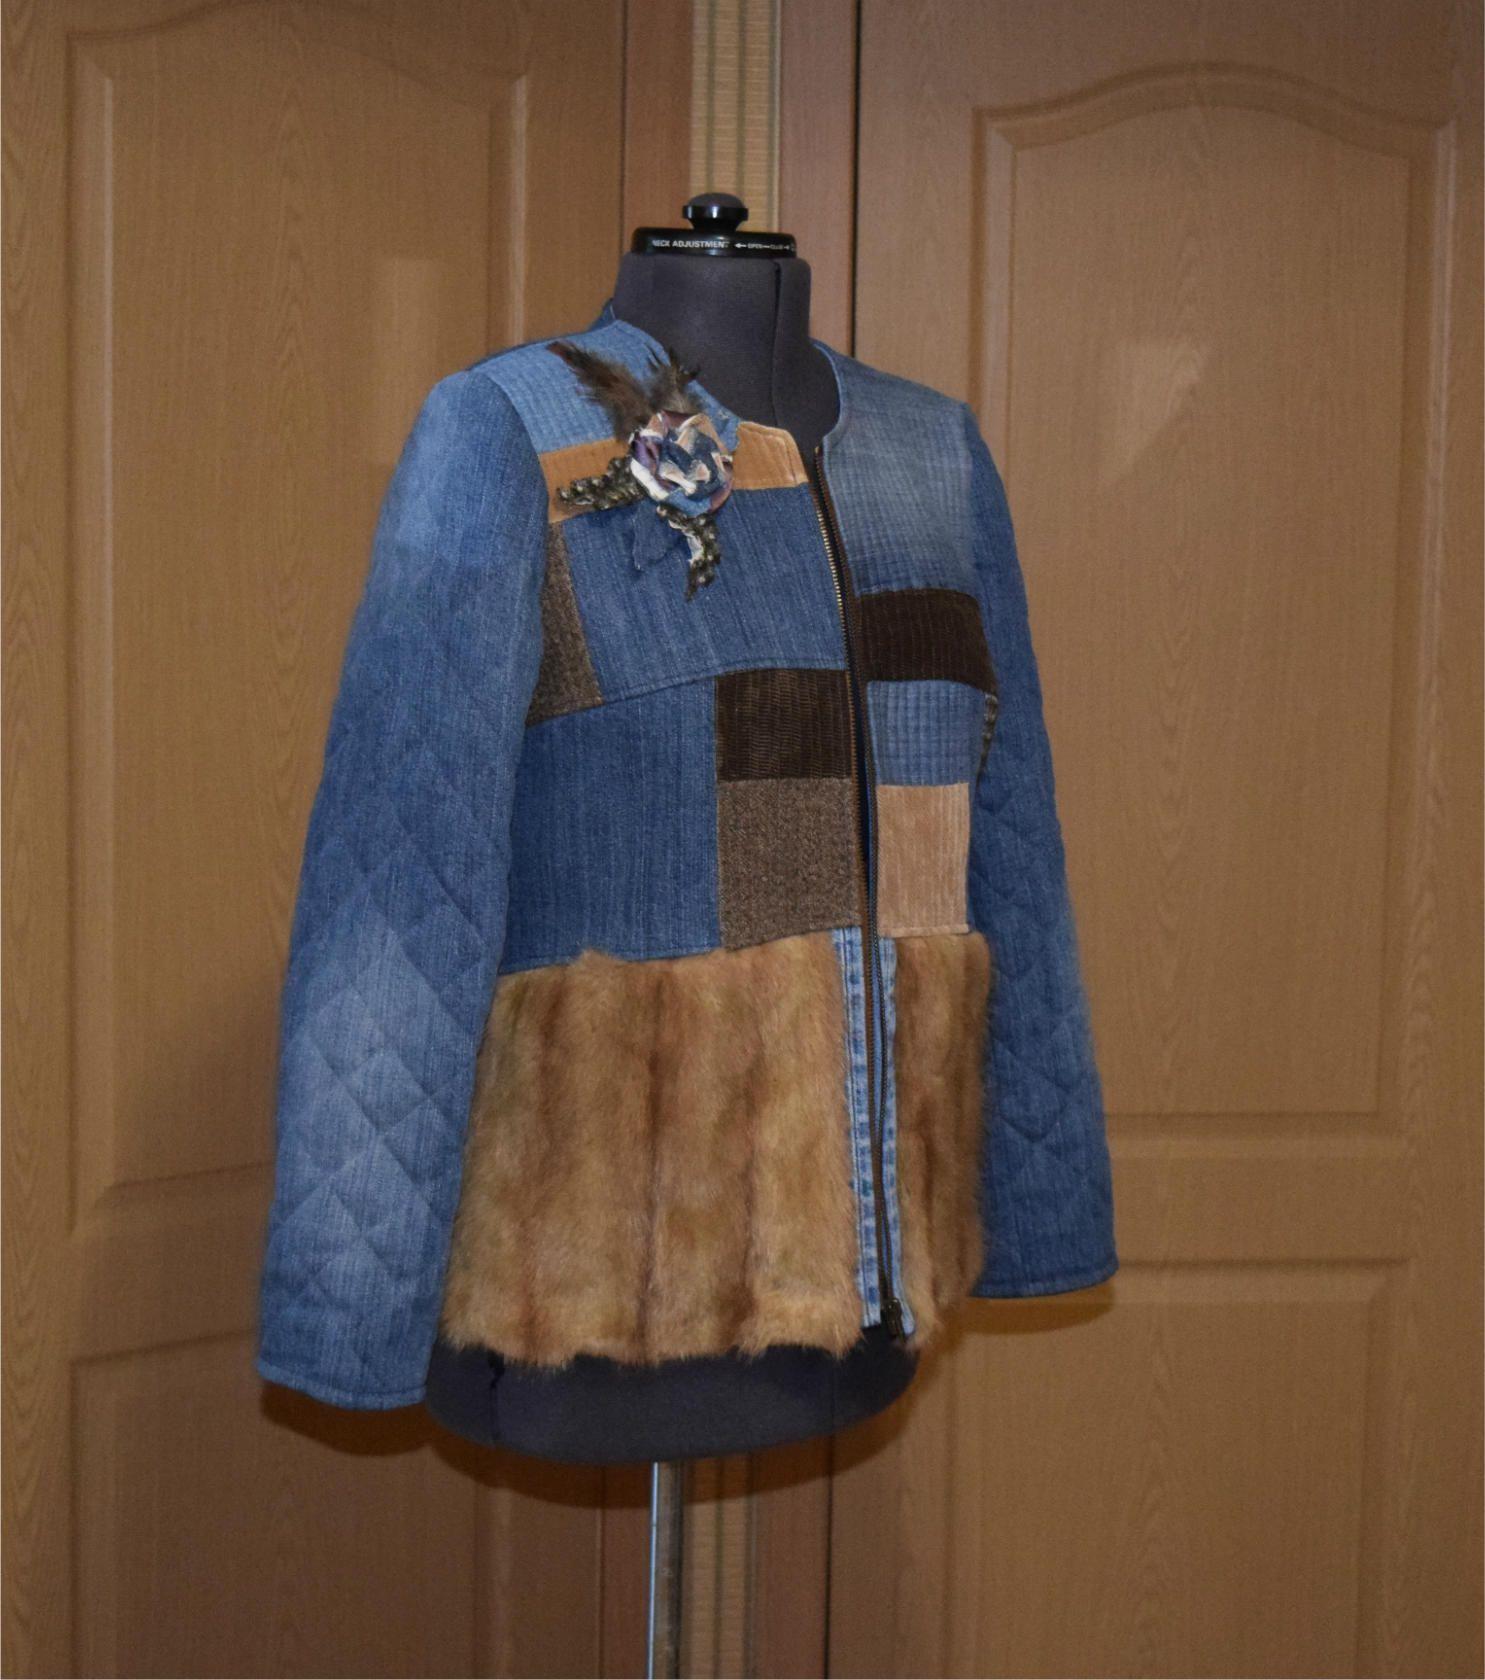 бохо мода джинс купить креатив стиль женский hendmade одежда жакет мехондатры стёжка лоскутноешитьё своимируками